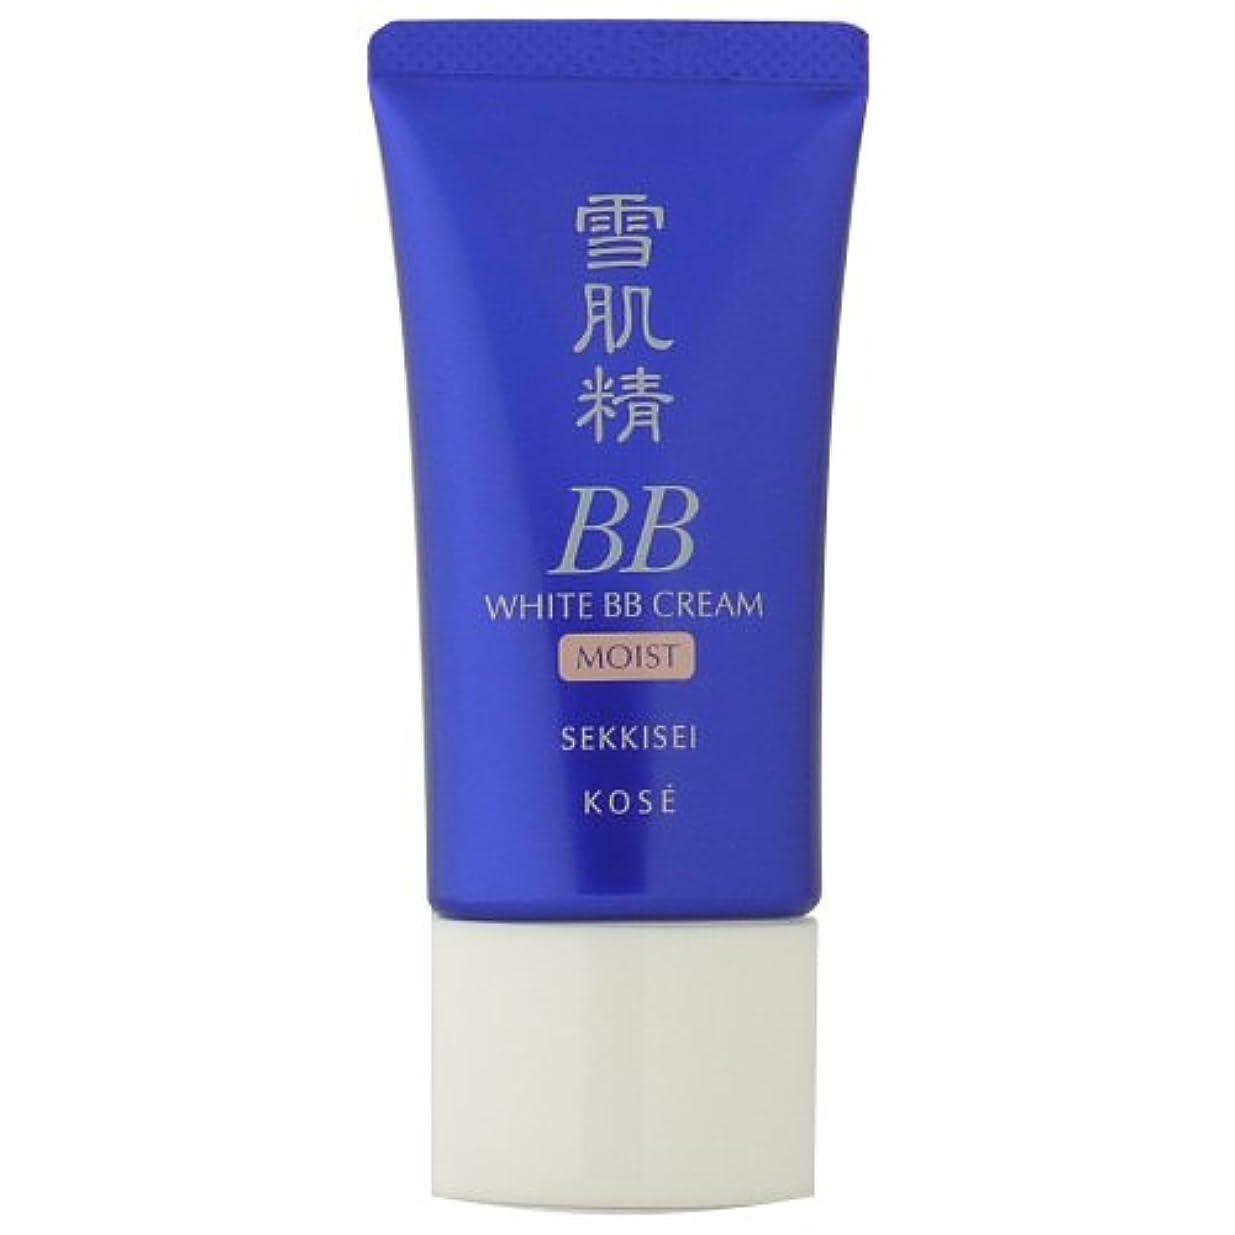 ウィンクヒゲ夜コーセー 雪肌精 ホワイトBBクリームモイスト SPF40 PA+++ 30g 【01】